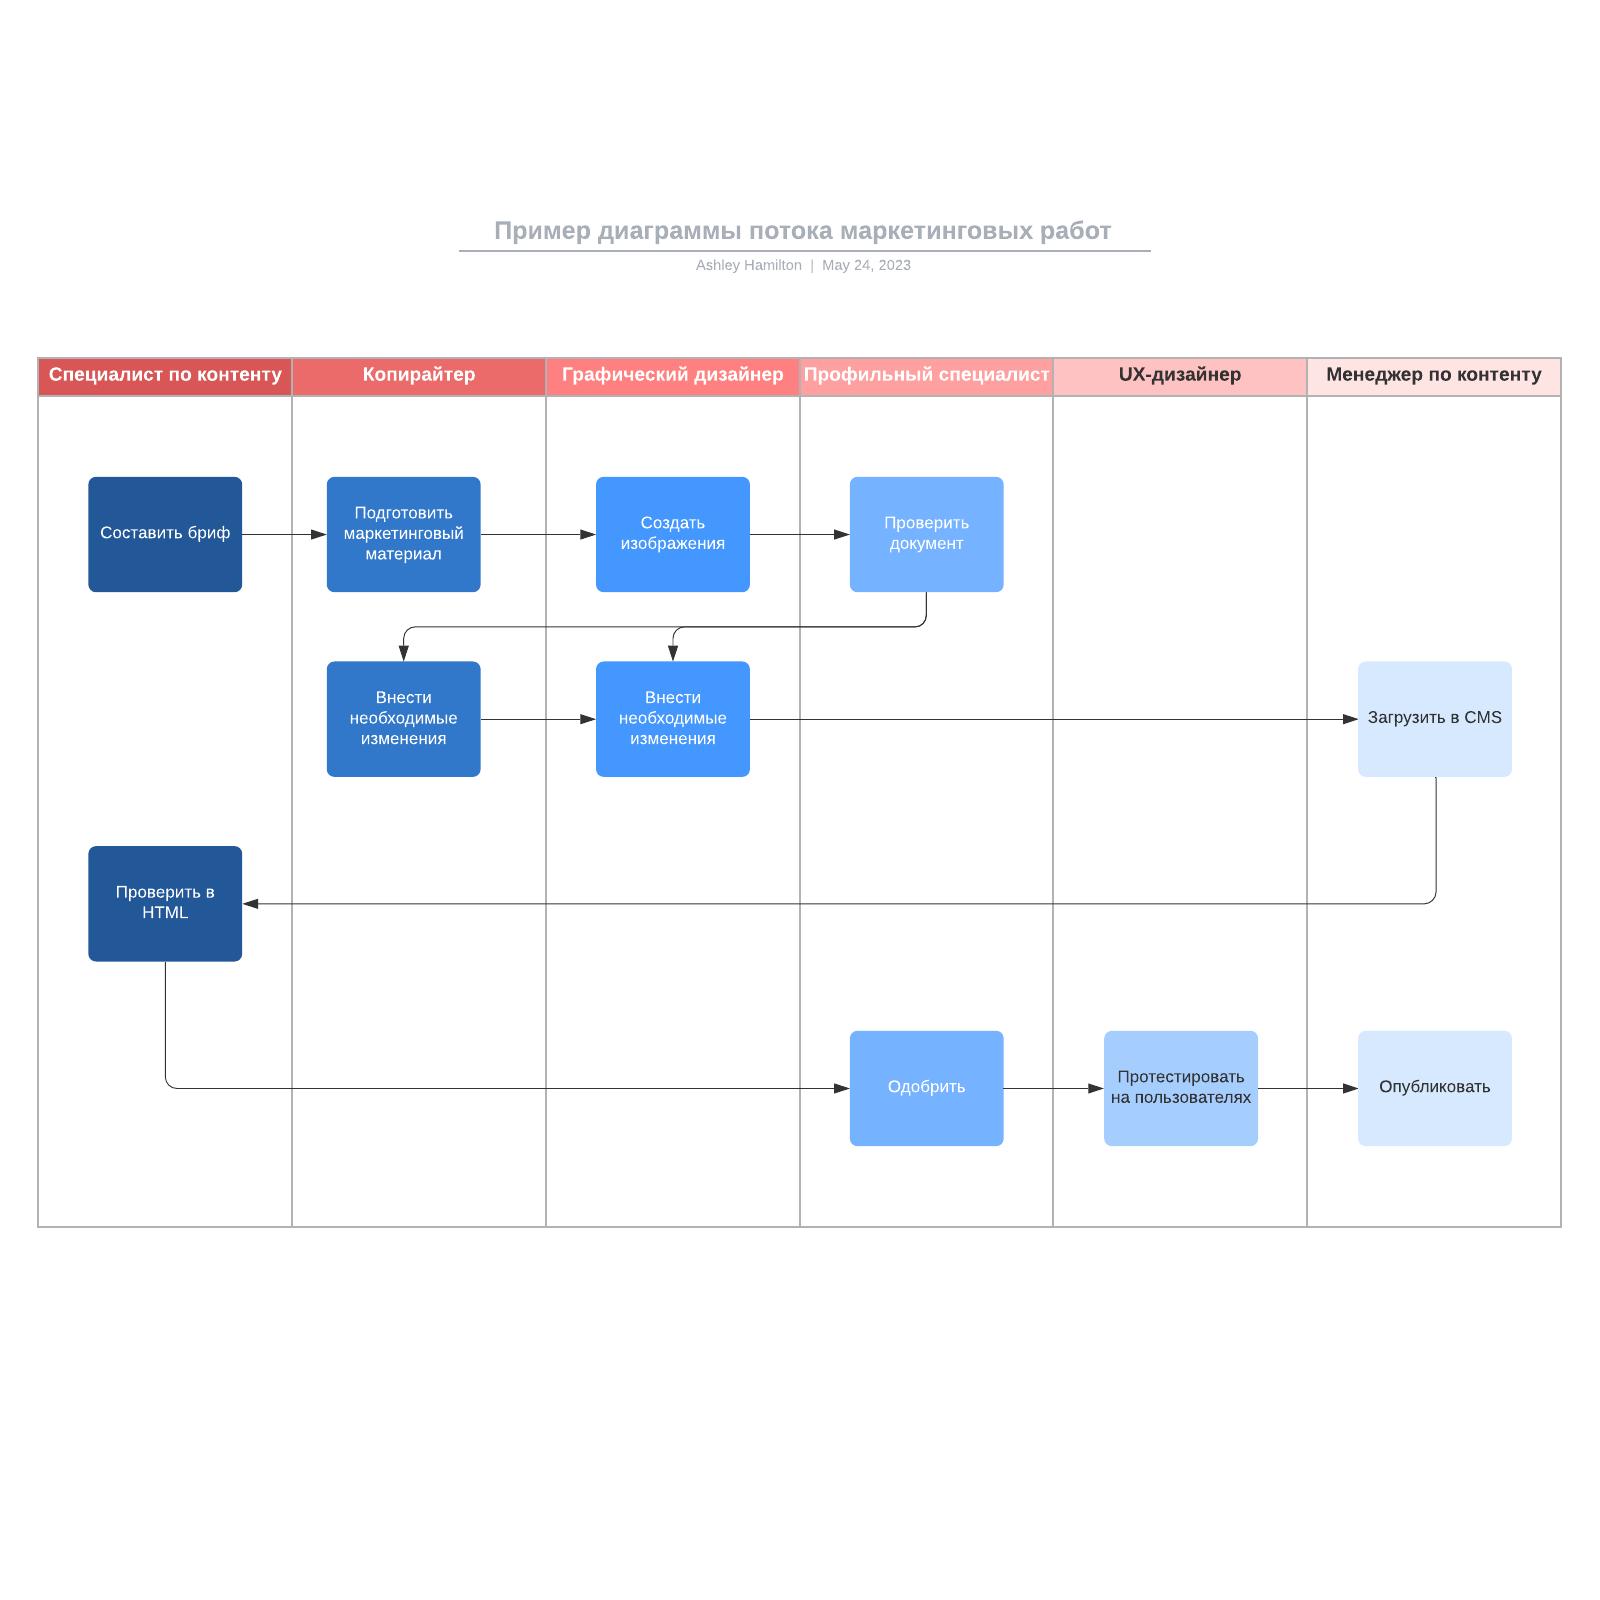 Пример диаграммы потока маркетинговых работ